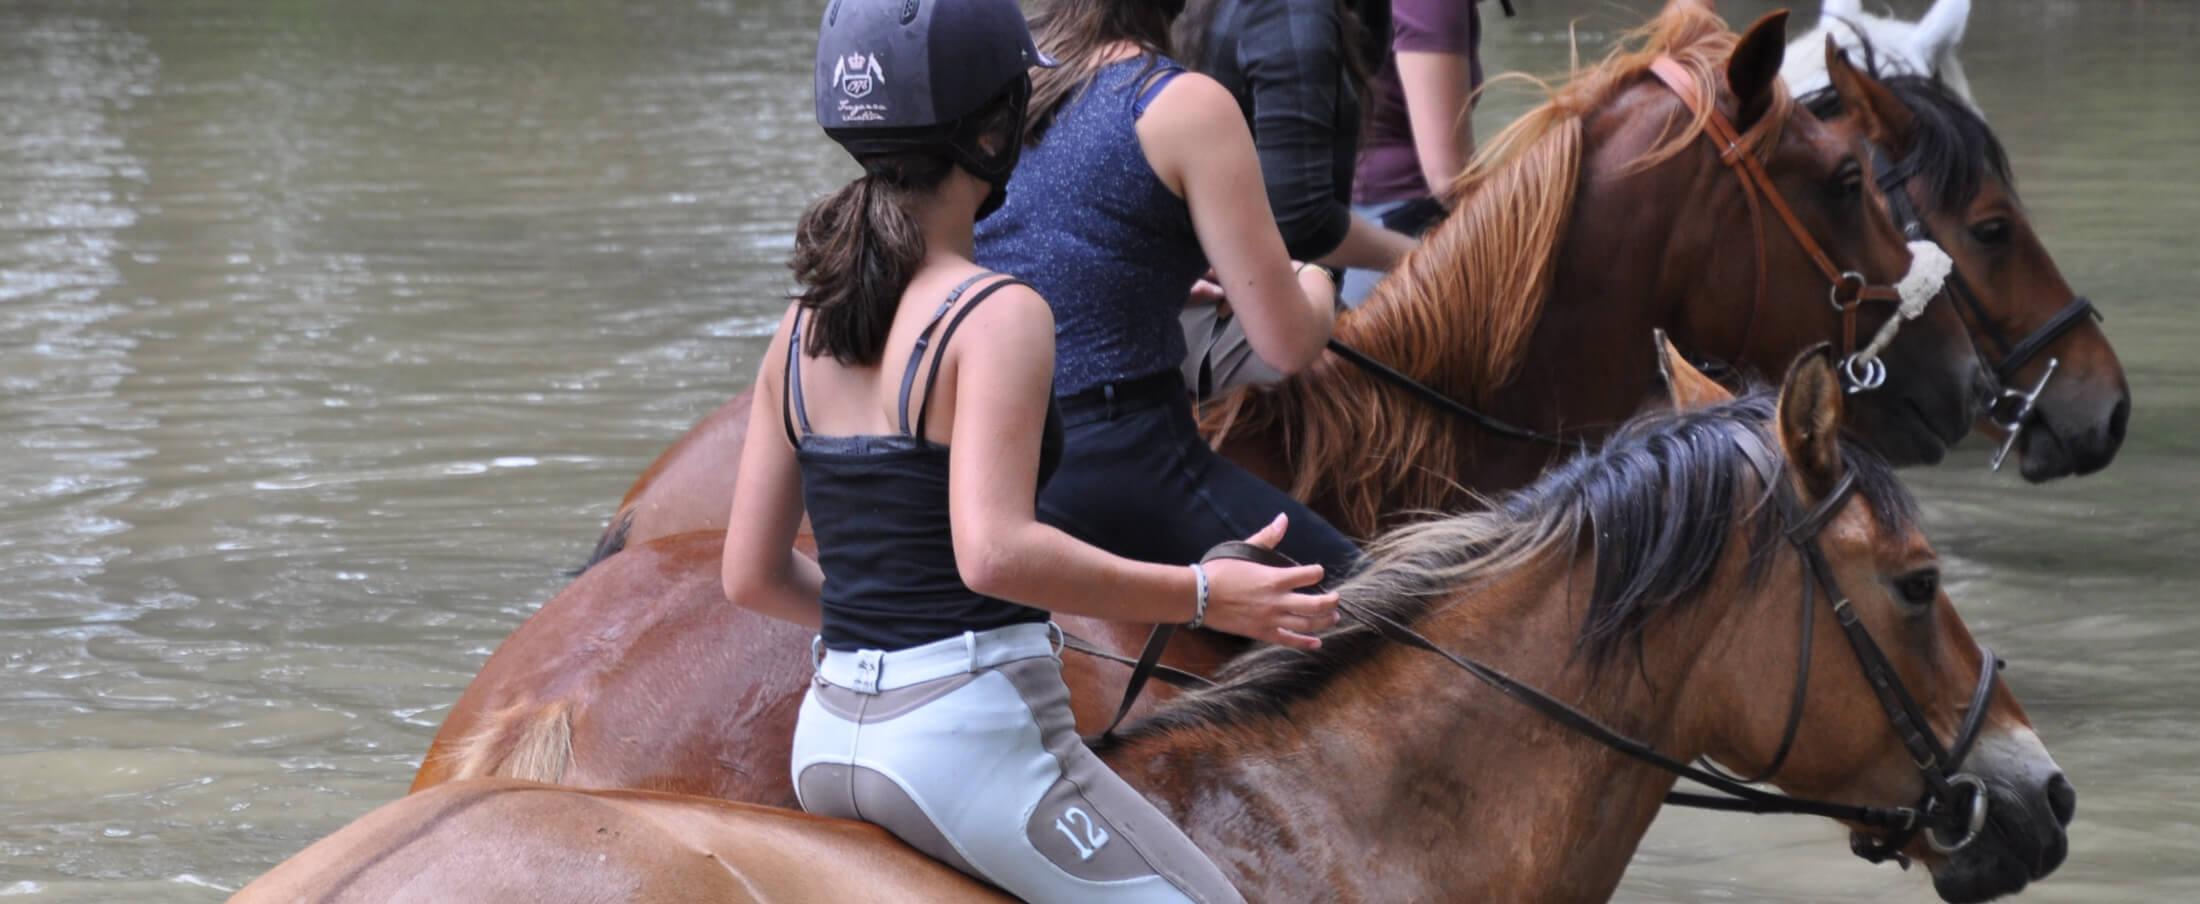 baignade a cheval